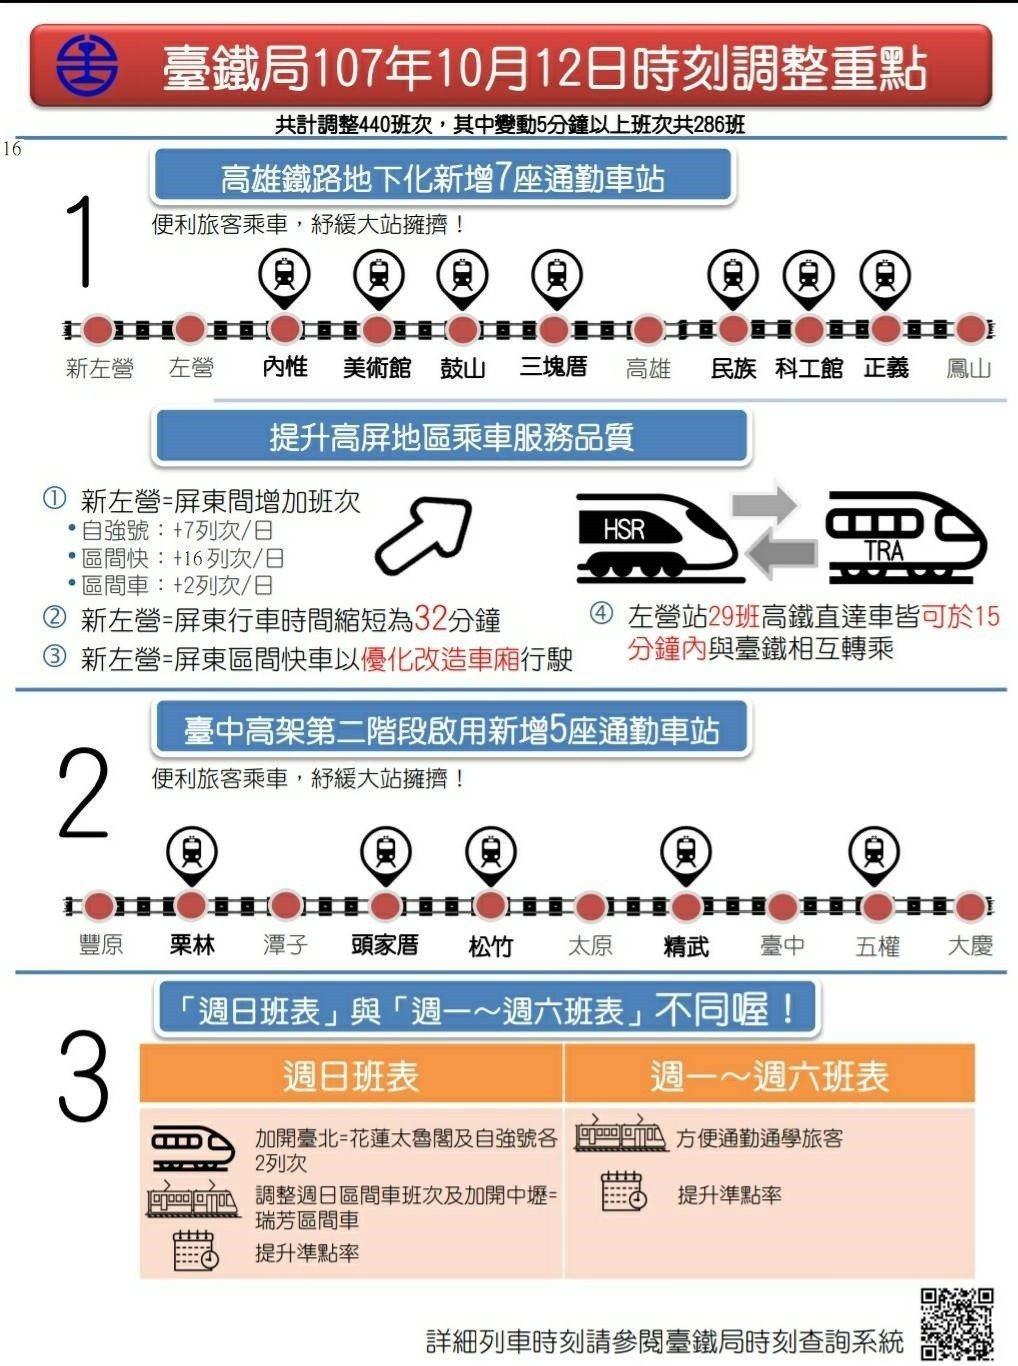 台鐵局特別製作圖表讓民眾理解改點內容。台鐵局提供